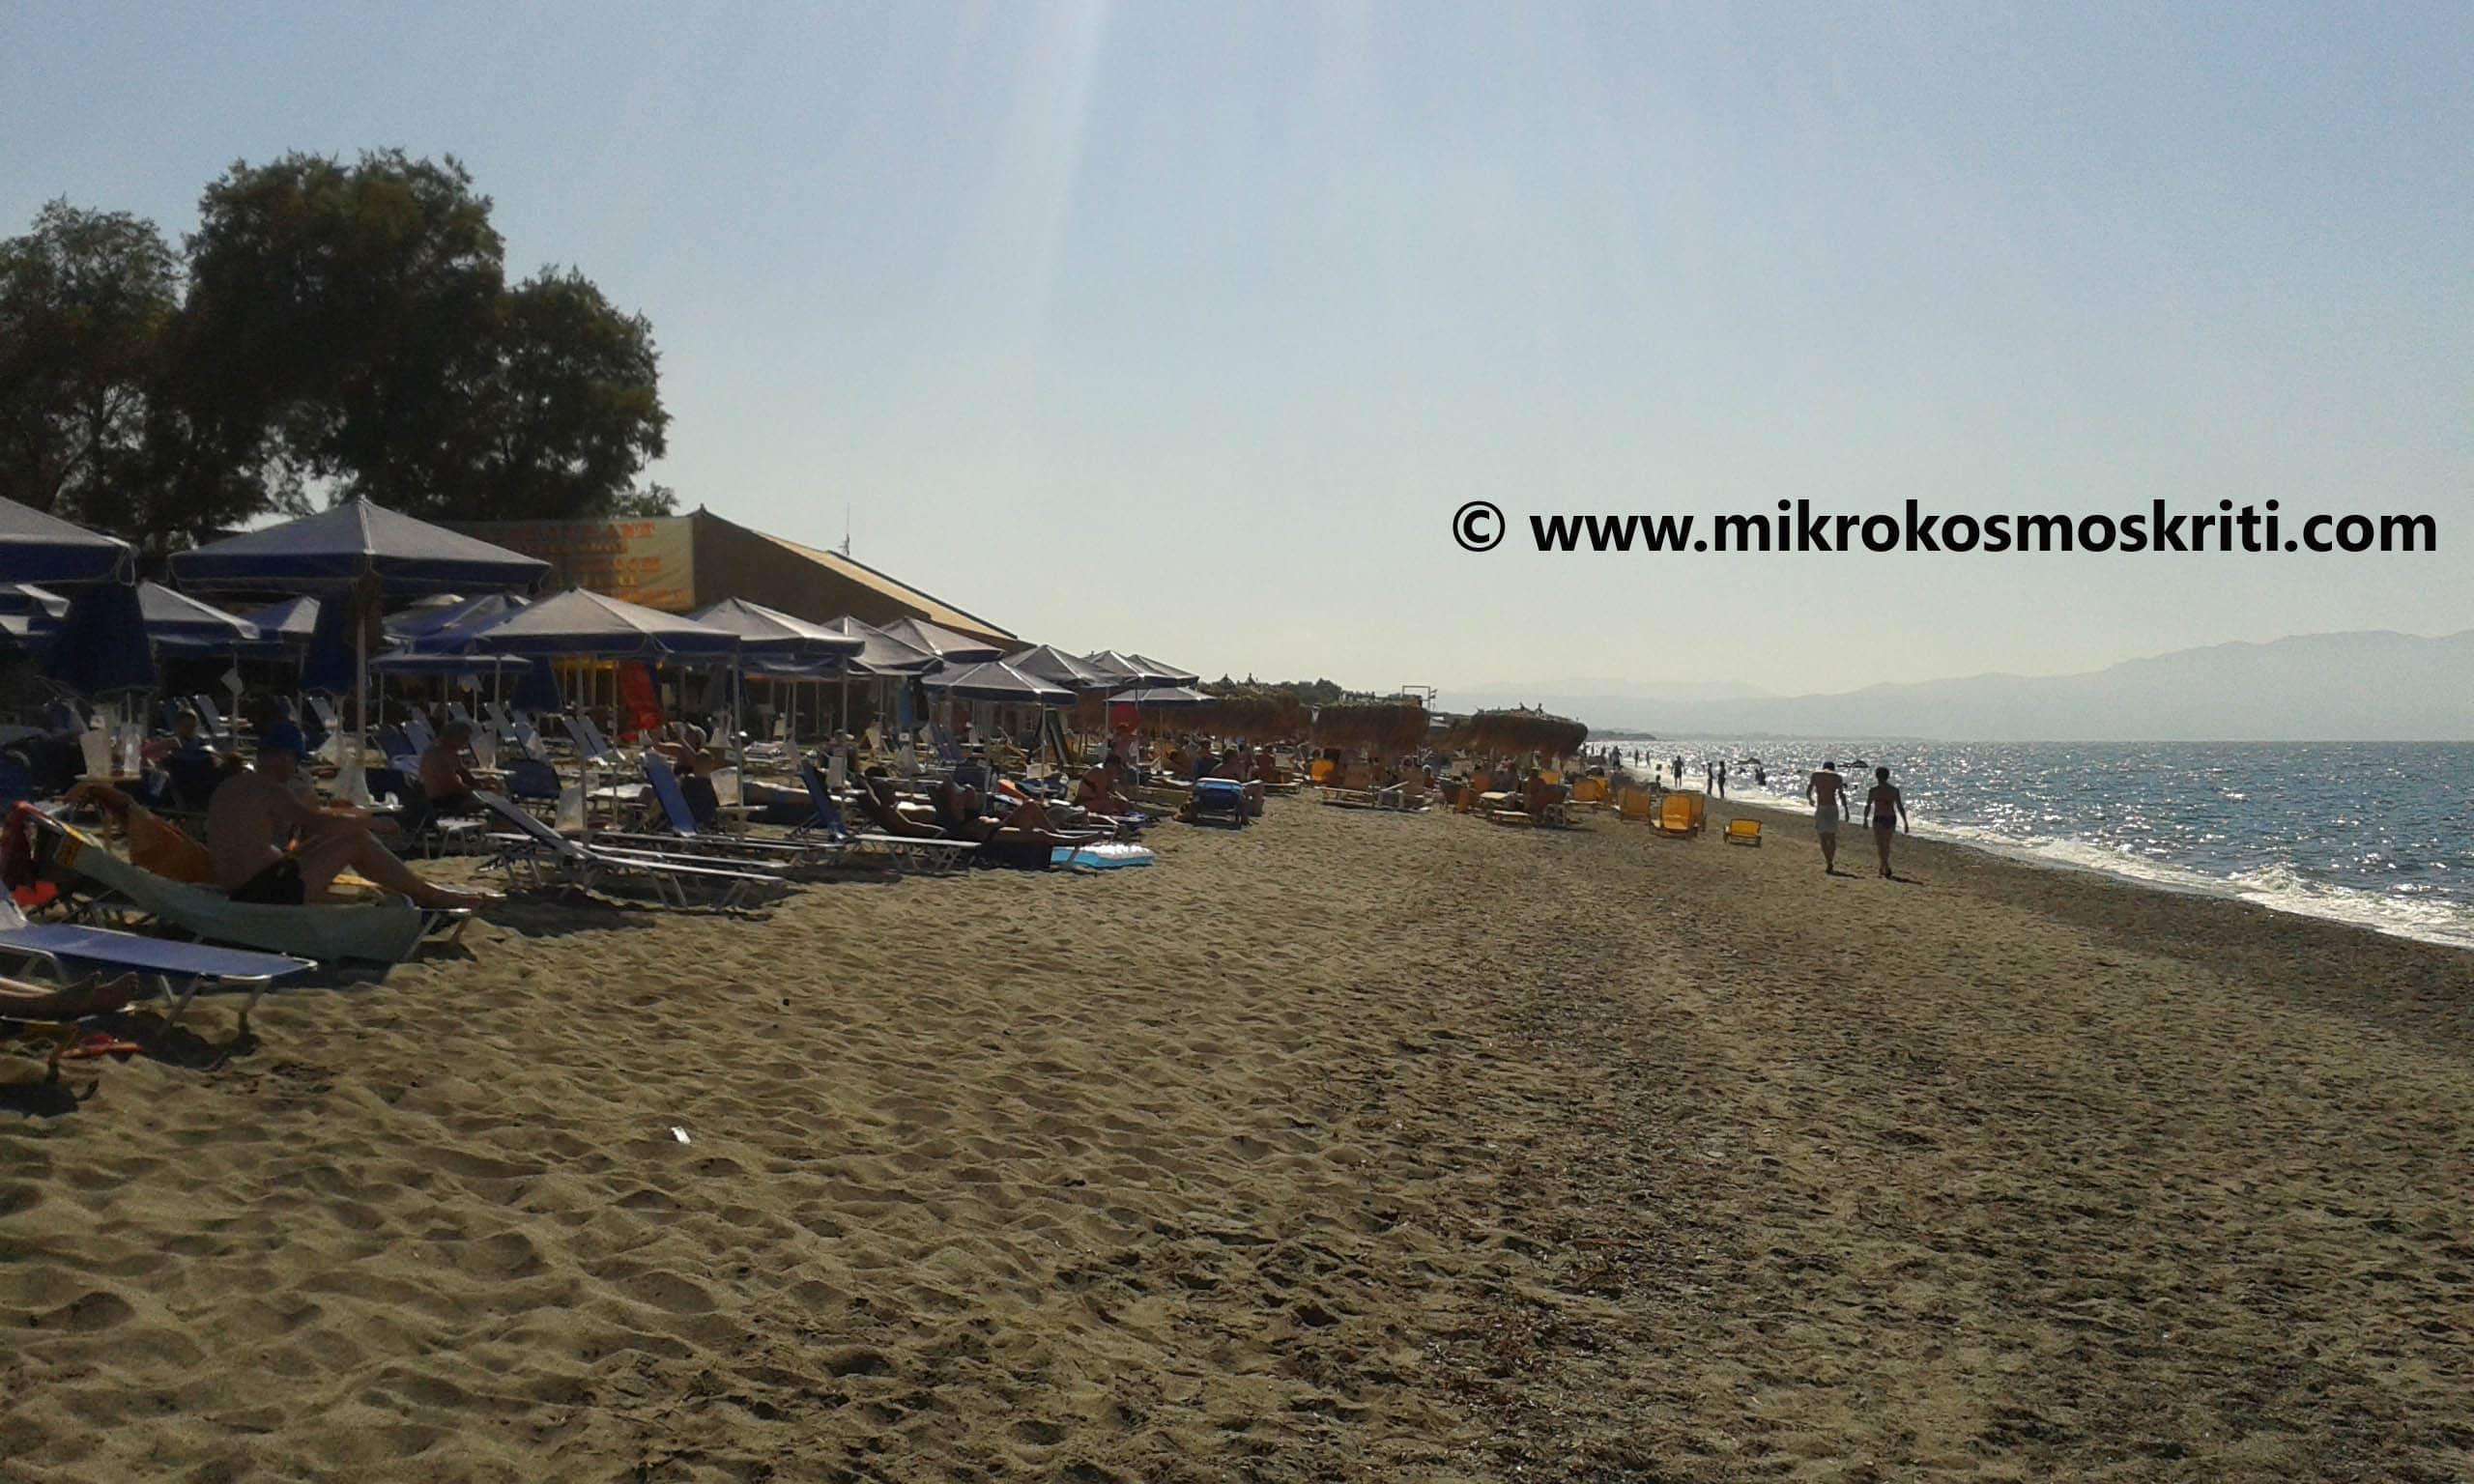 La mondana spiaggia di Platanias